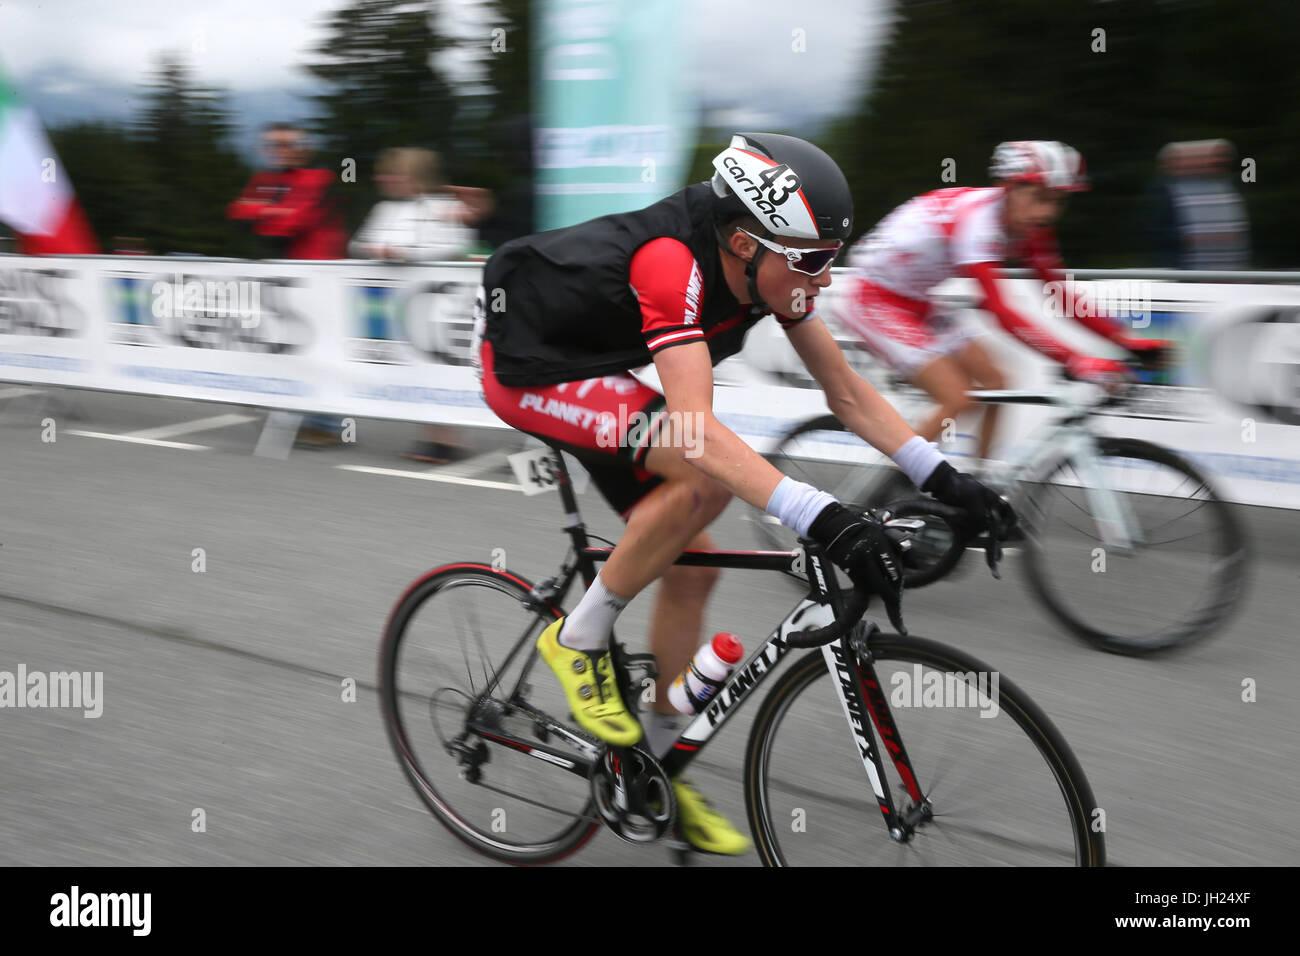 Giro della Valle d'Aosta corsa in bicicletta. La linea di finitura. Saint-Gervais-les-Bains. La Francia. Foto Stock